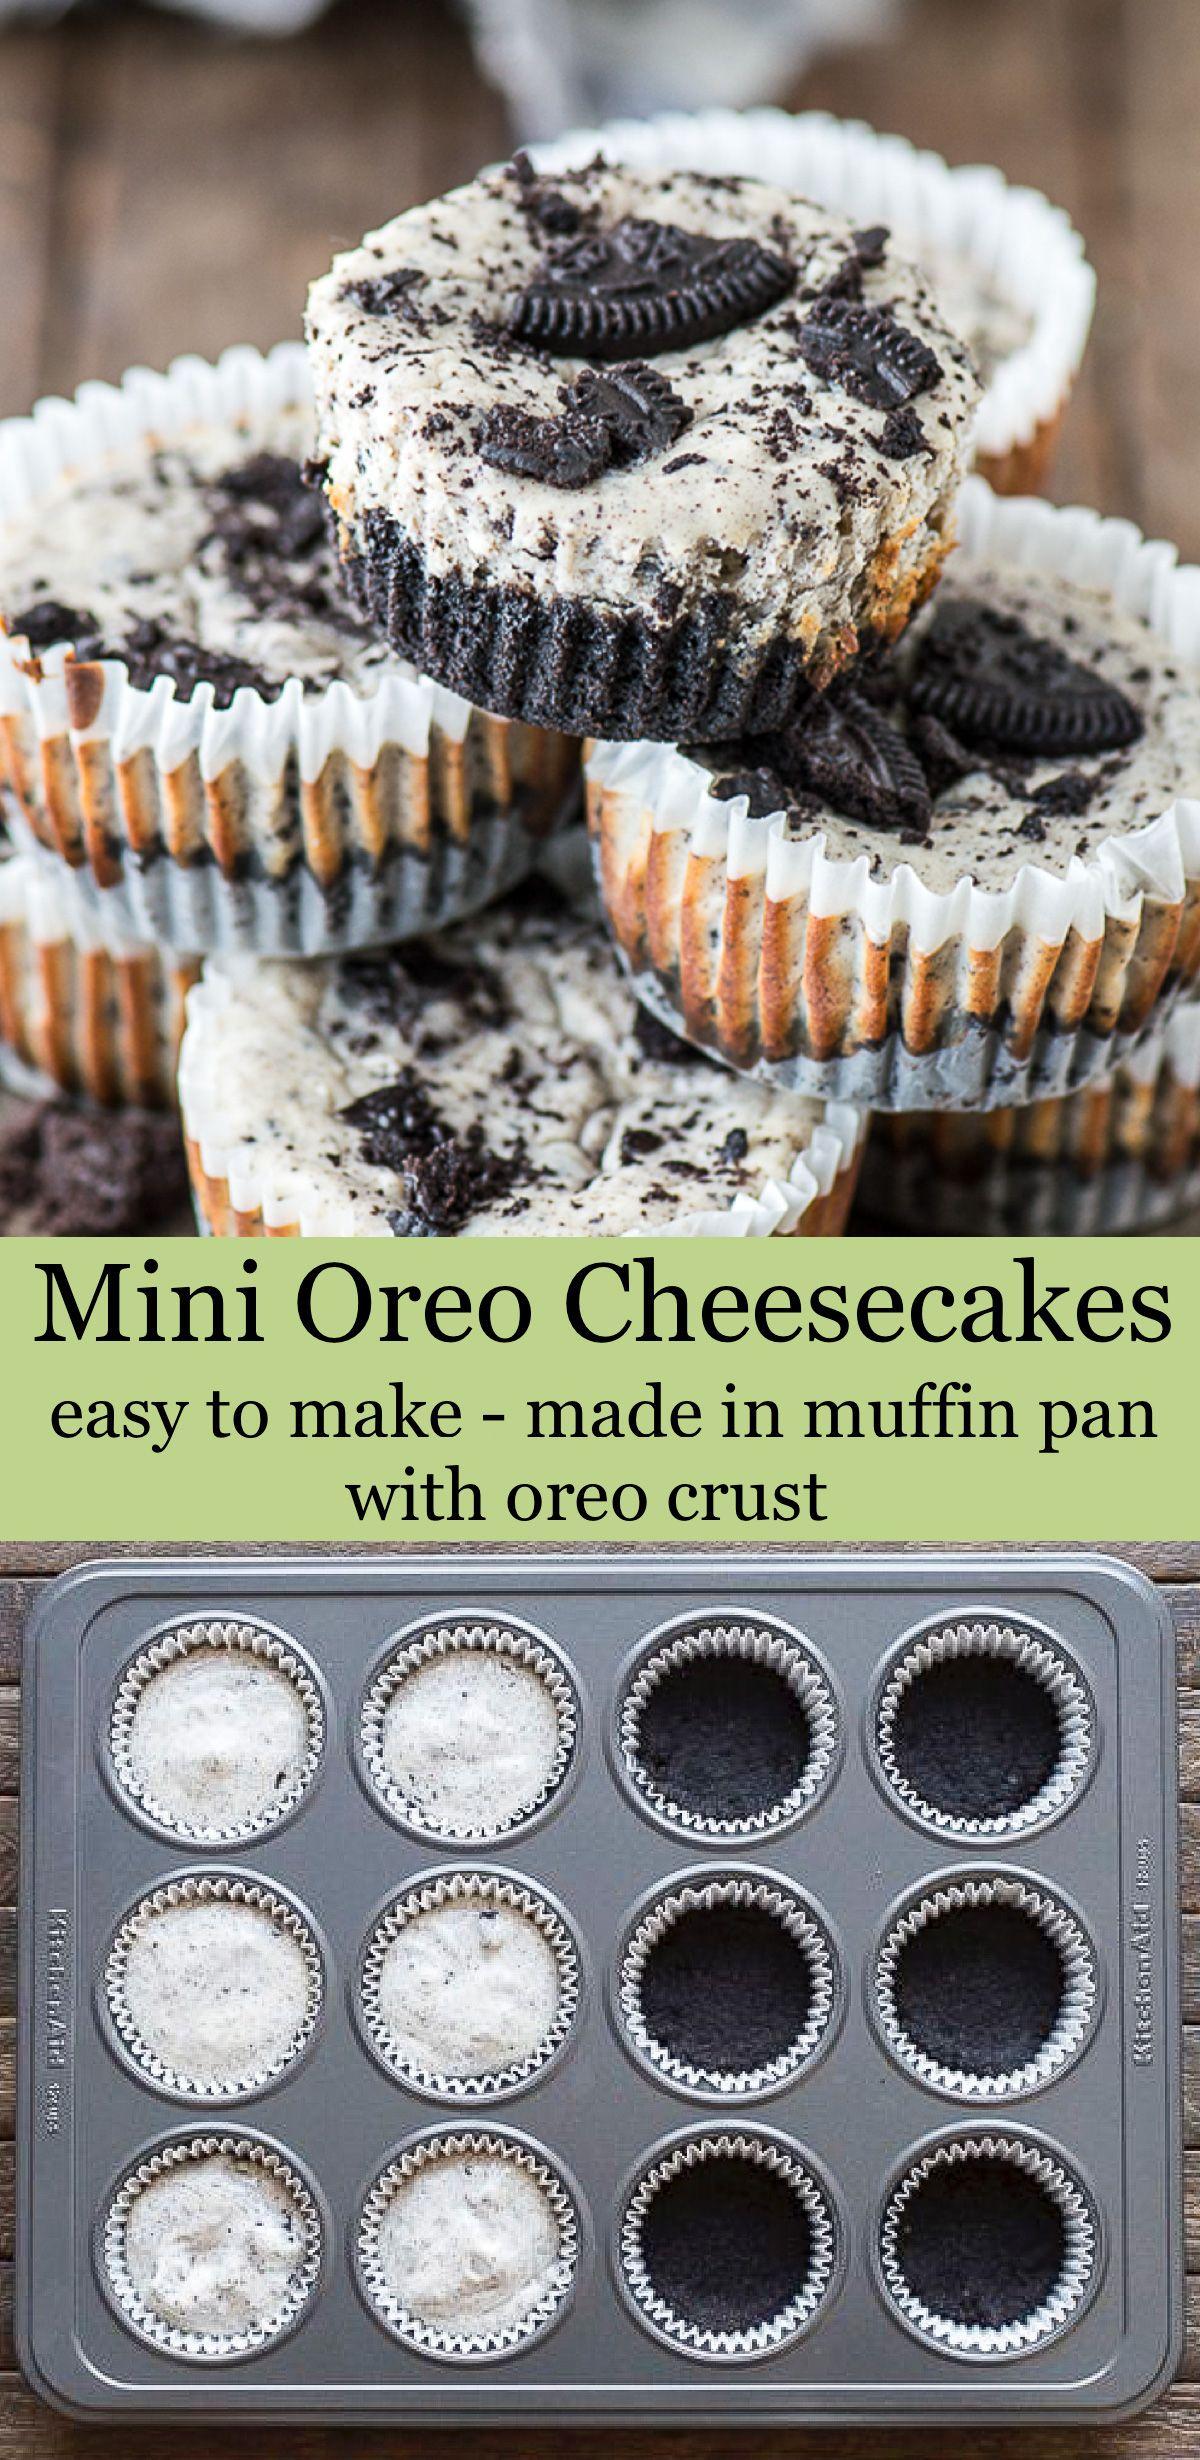 Mini Oreo Cheesecakes -   8 desserts Oreo cheesecake ideas